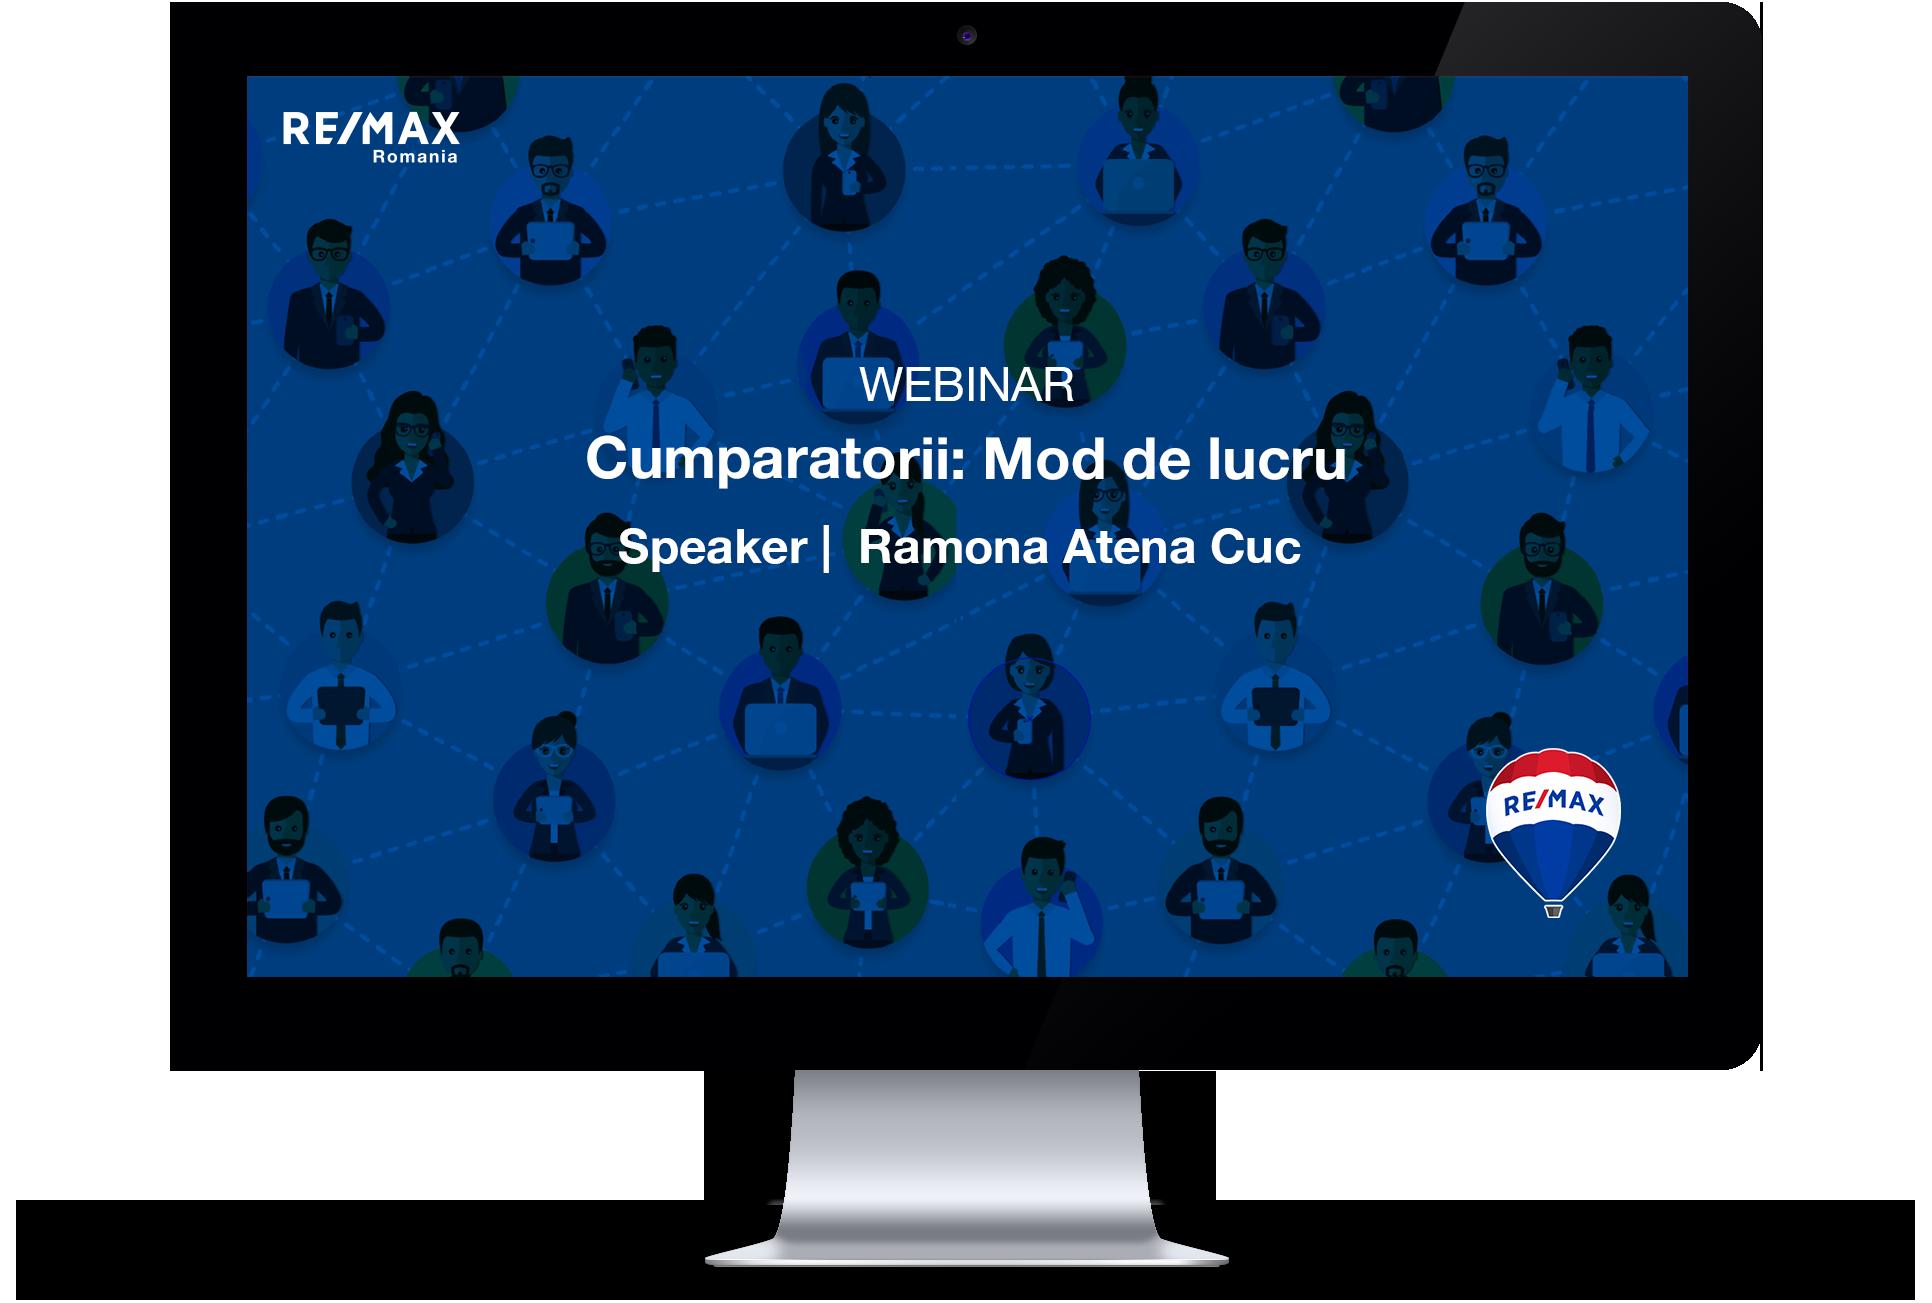 Banner-webinarii-facebook-mod-lucru-3